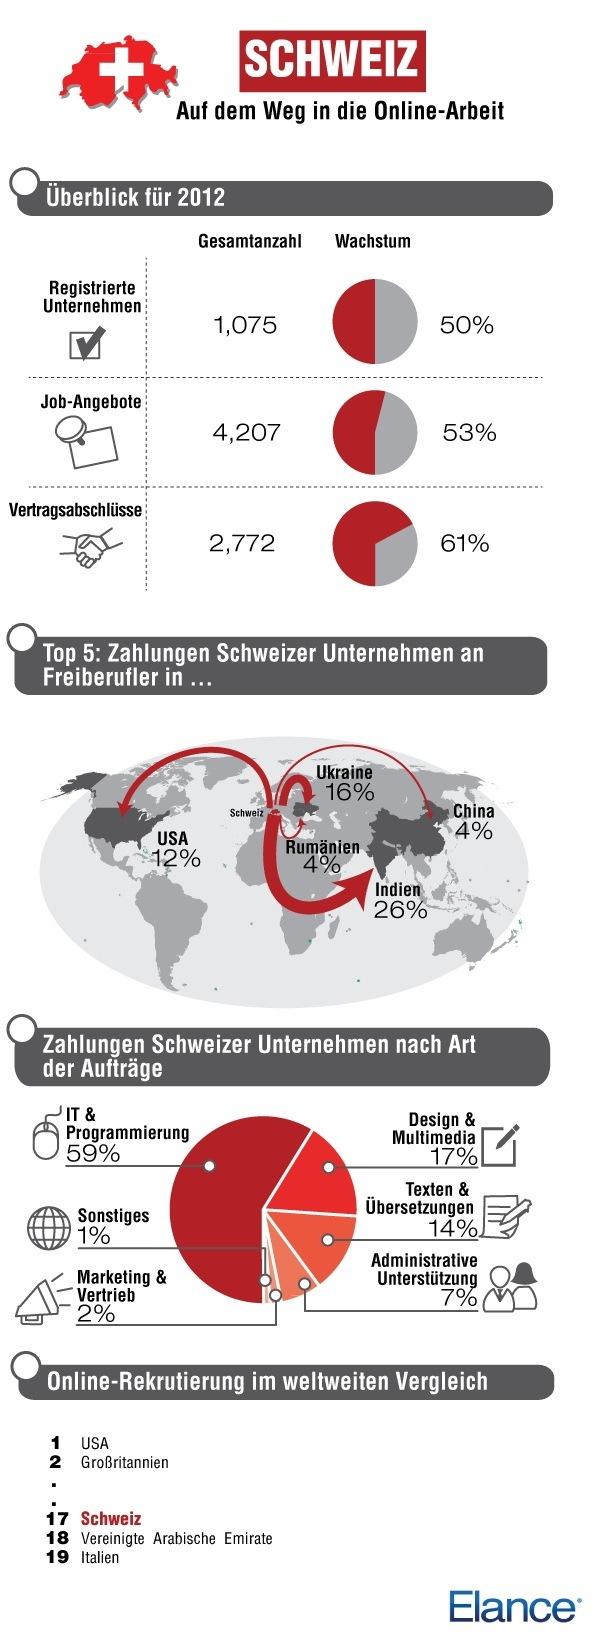 Elance zieht für 2012 Bilanz: Immer mehr Unternehmen suchen online nach Fachkräften / 50% mehr Schweizer Firmen nutzen Elance / Fachkräfte aus IT & Programmierung am häufigsten nachgefragt